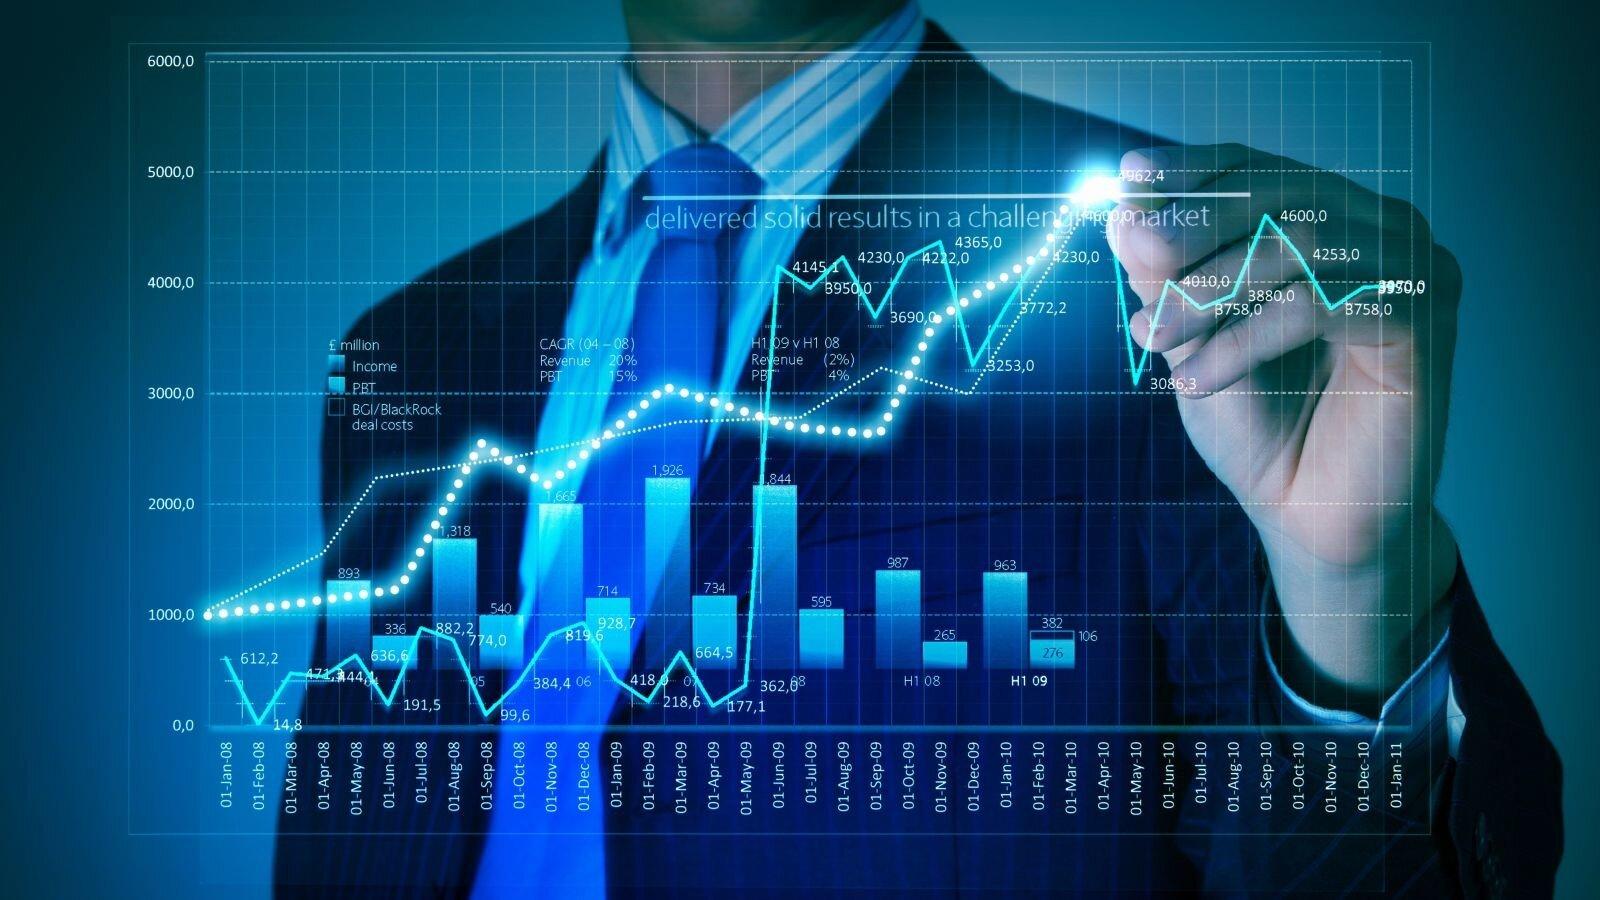 Thị trường cơ sở lình xình, giao dịch phái sinh bình quân phiên tăng 15% trong tháng 3